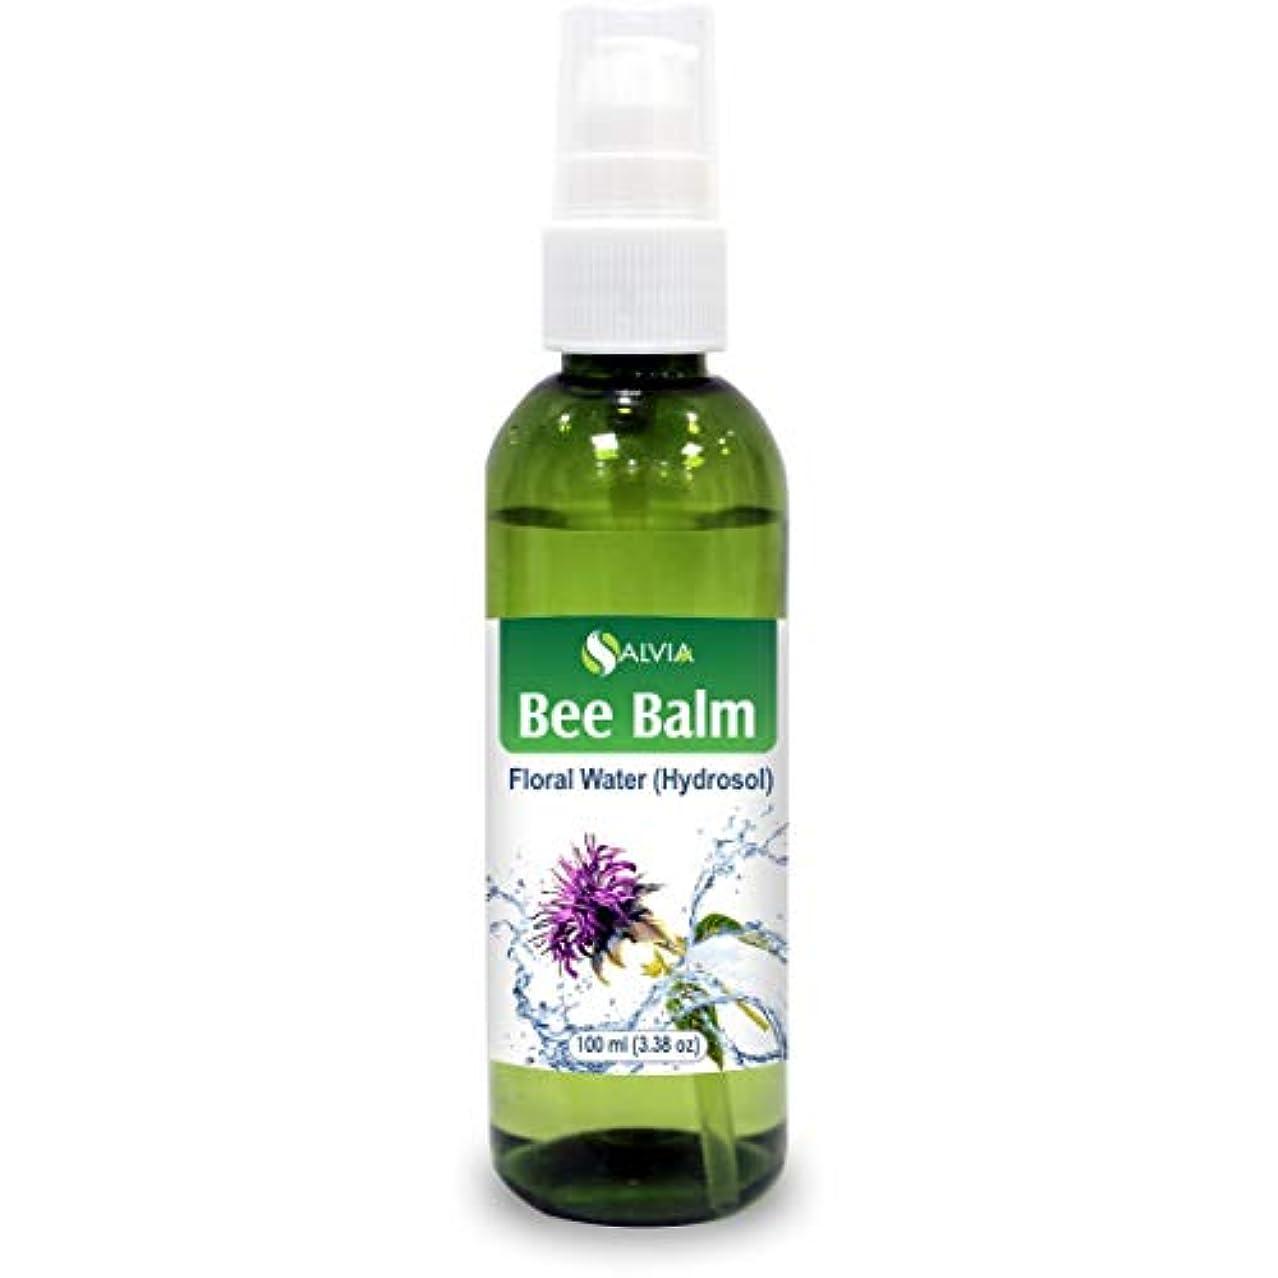 高層ビルコンテスト仕事に行くBee Balm Floral Water 100ml (Hydrosol) 100% Pure And Natural